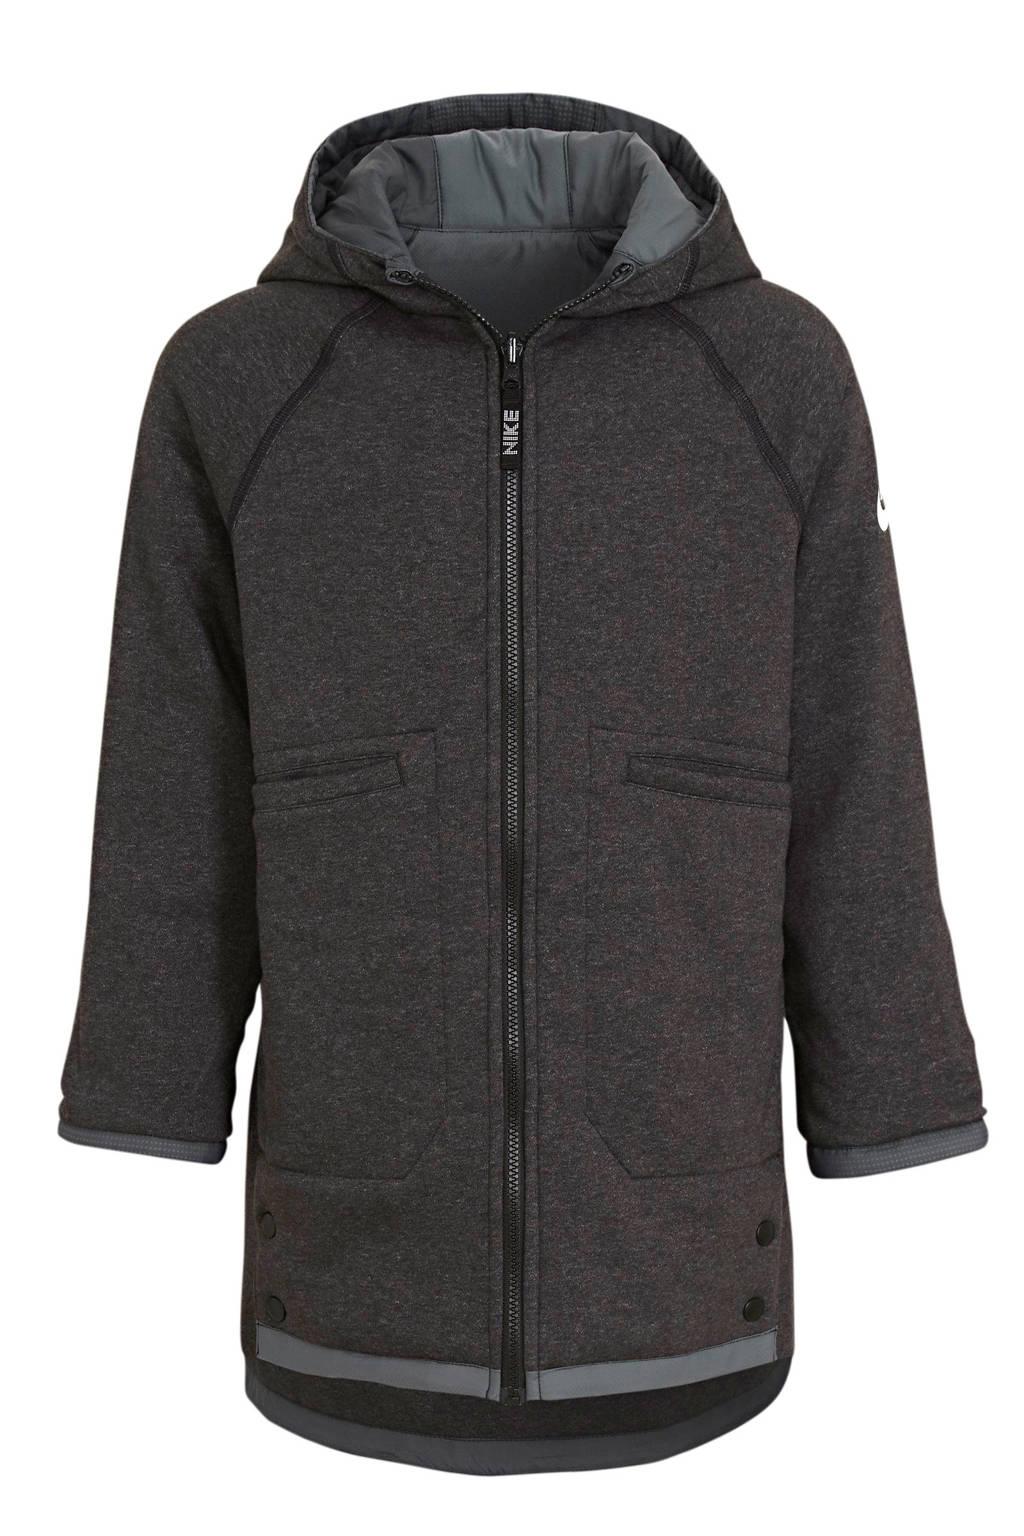 Nike reversible jack zwart/grijs, Zwart/grijs